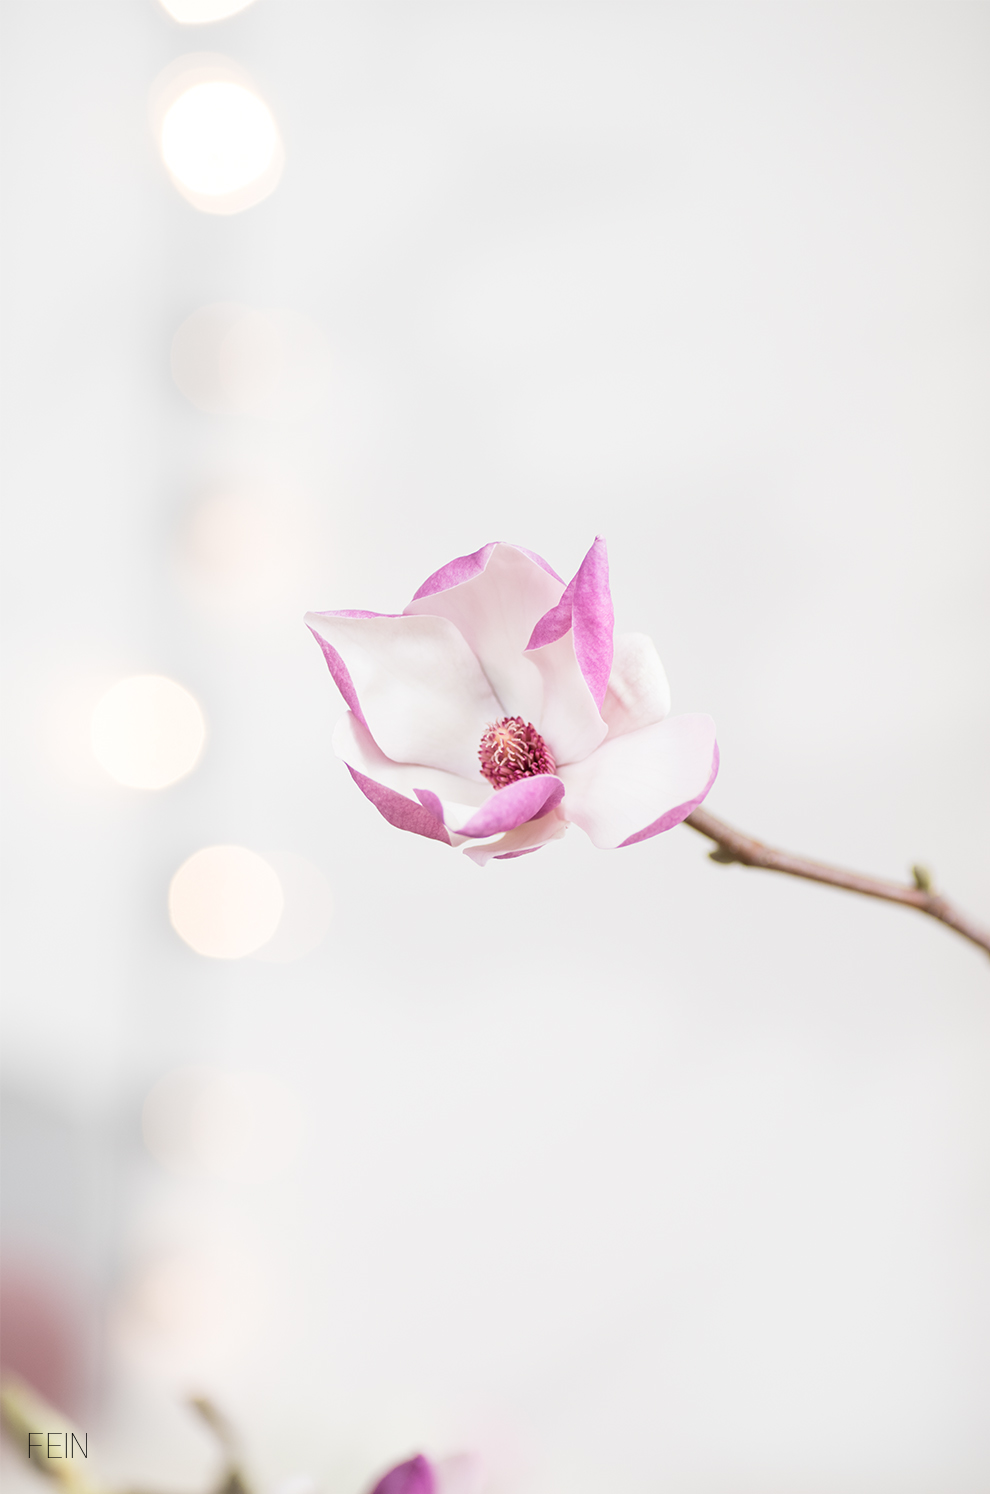 Spring Frühling Magnolien